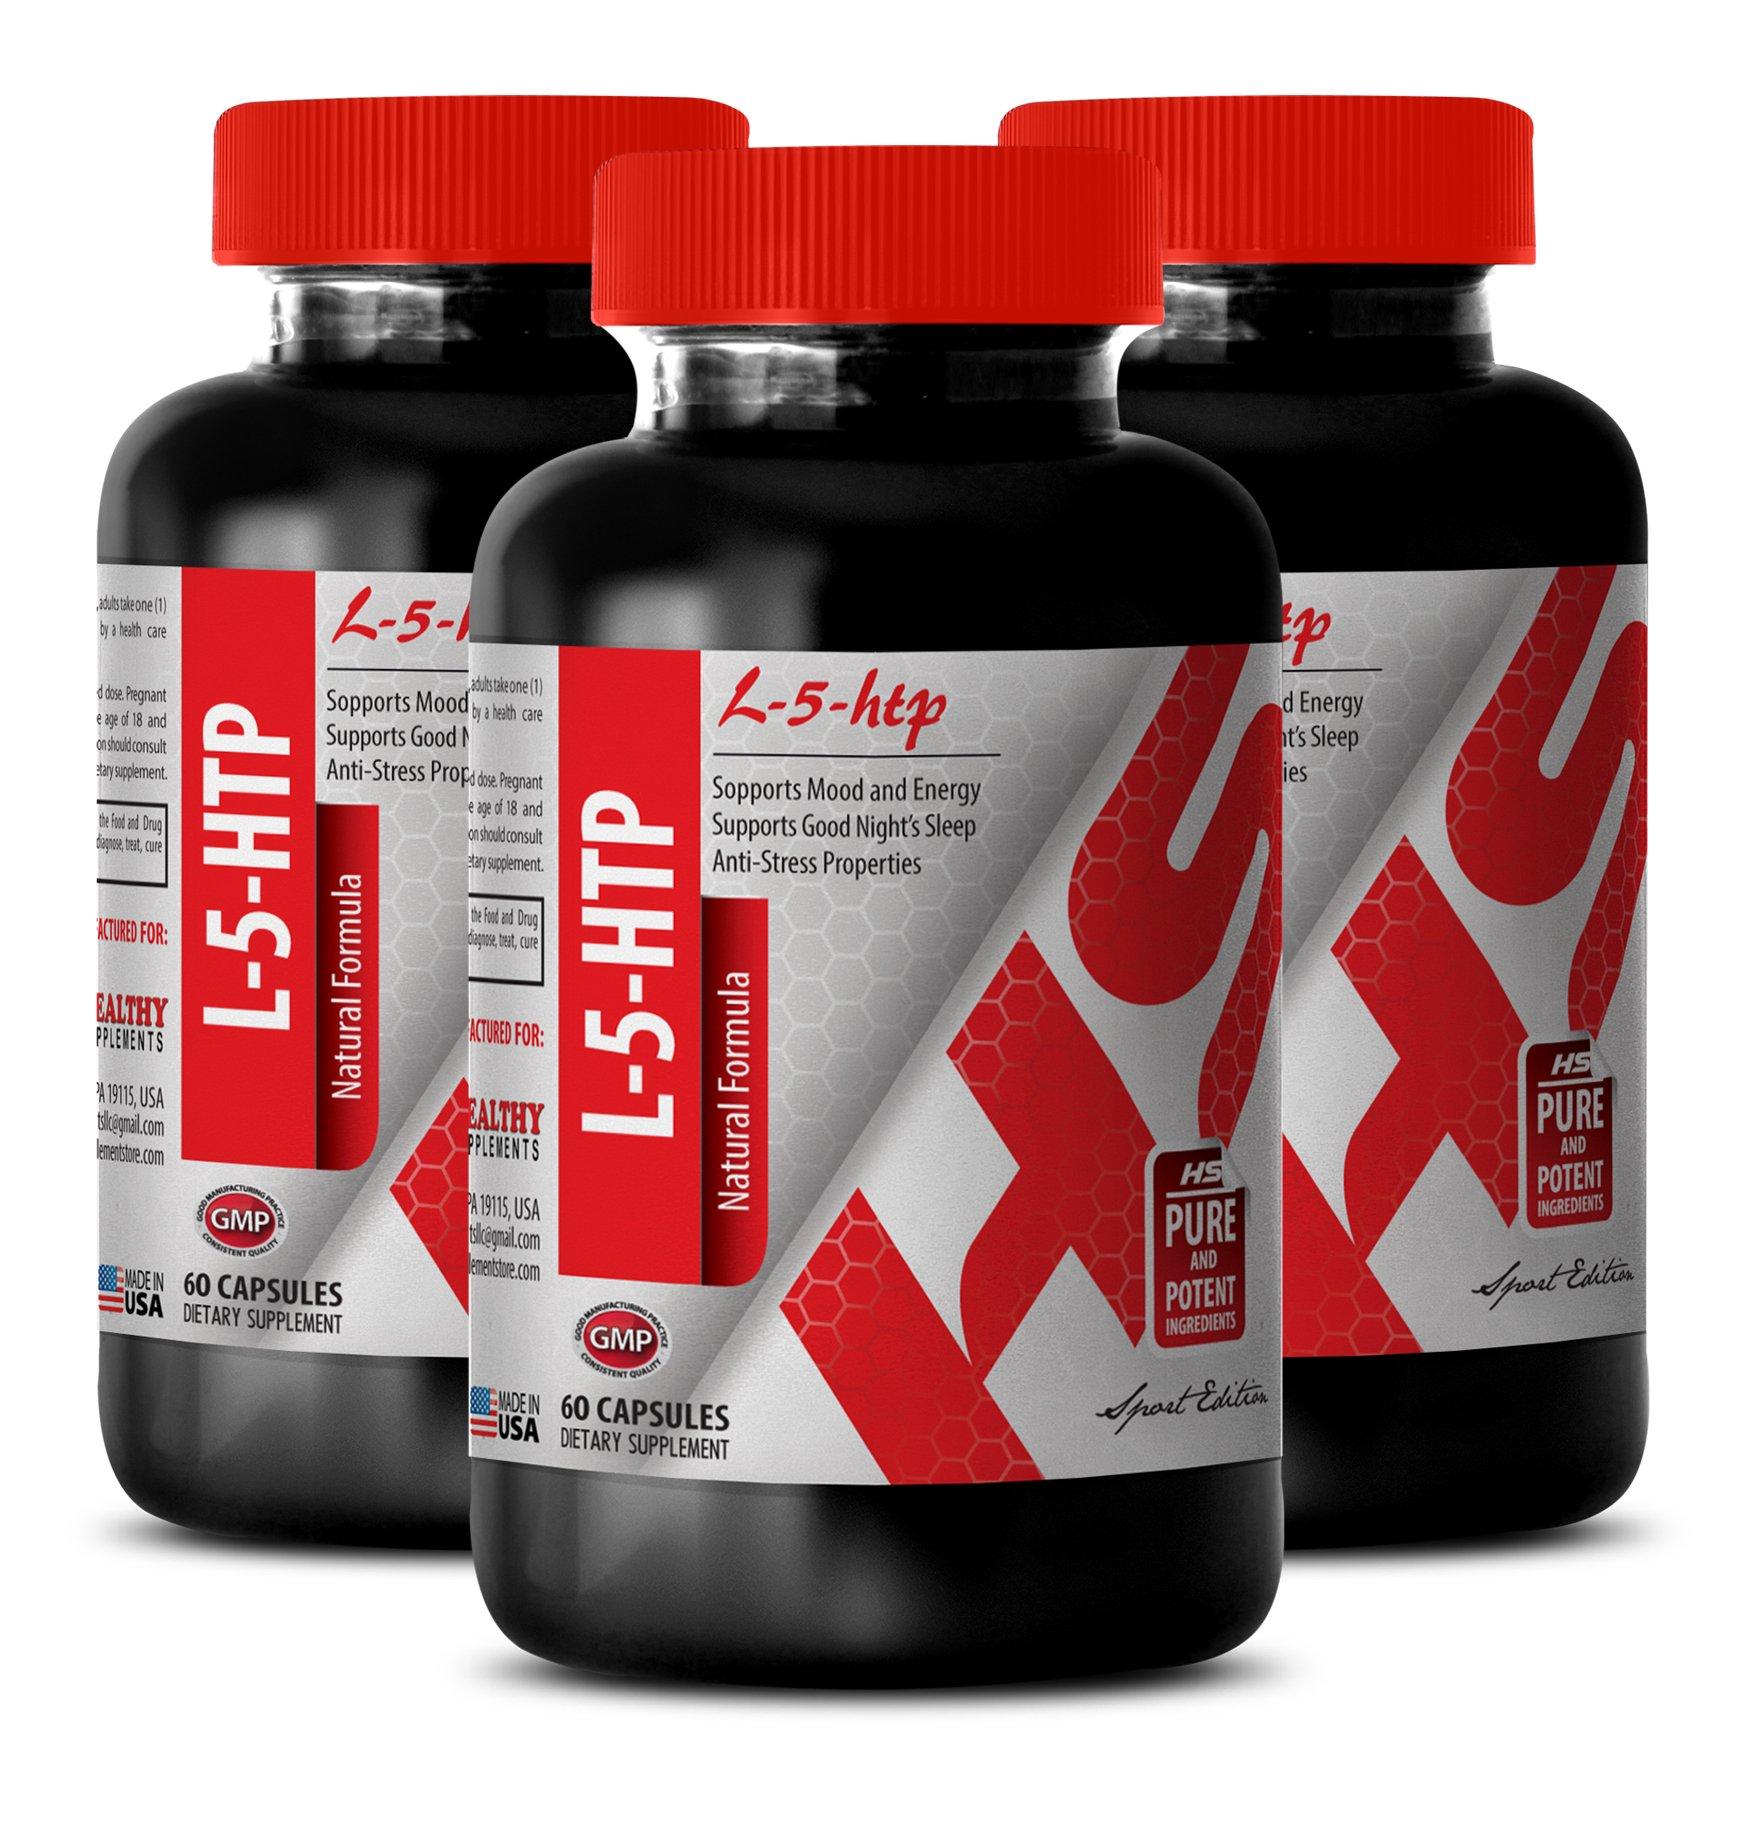 5 htp - 377 MG L-5-HTP NATURAL FORMULA - immune system booster (3 Bottles)